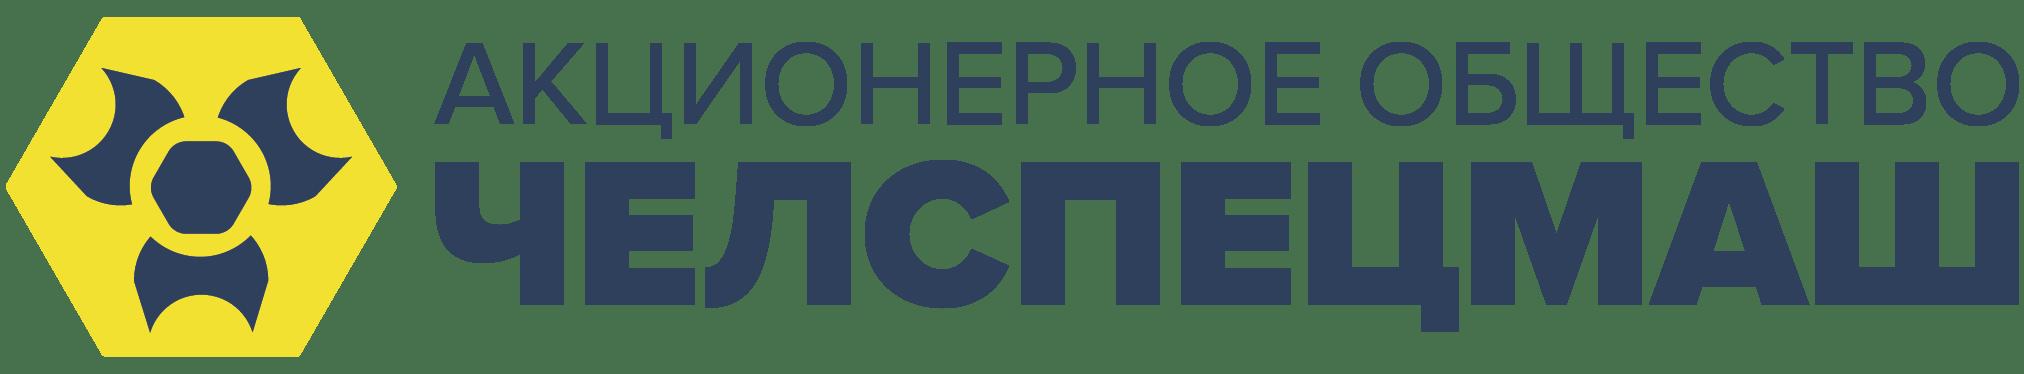 АО Челспецмаш — российский производитель систем радиоскопии и рентгеновского контроля